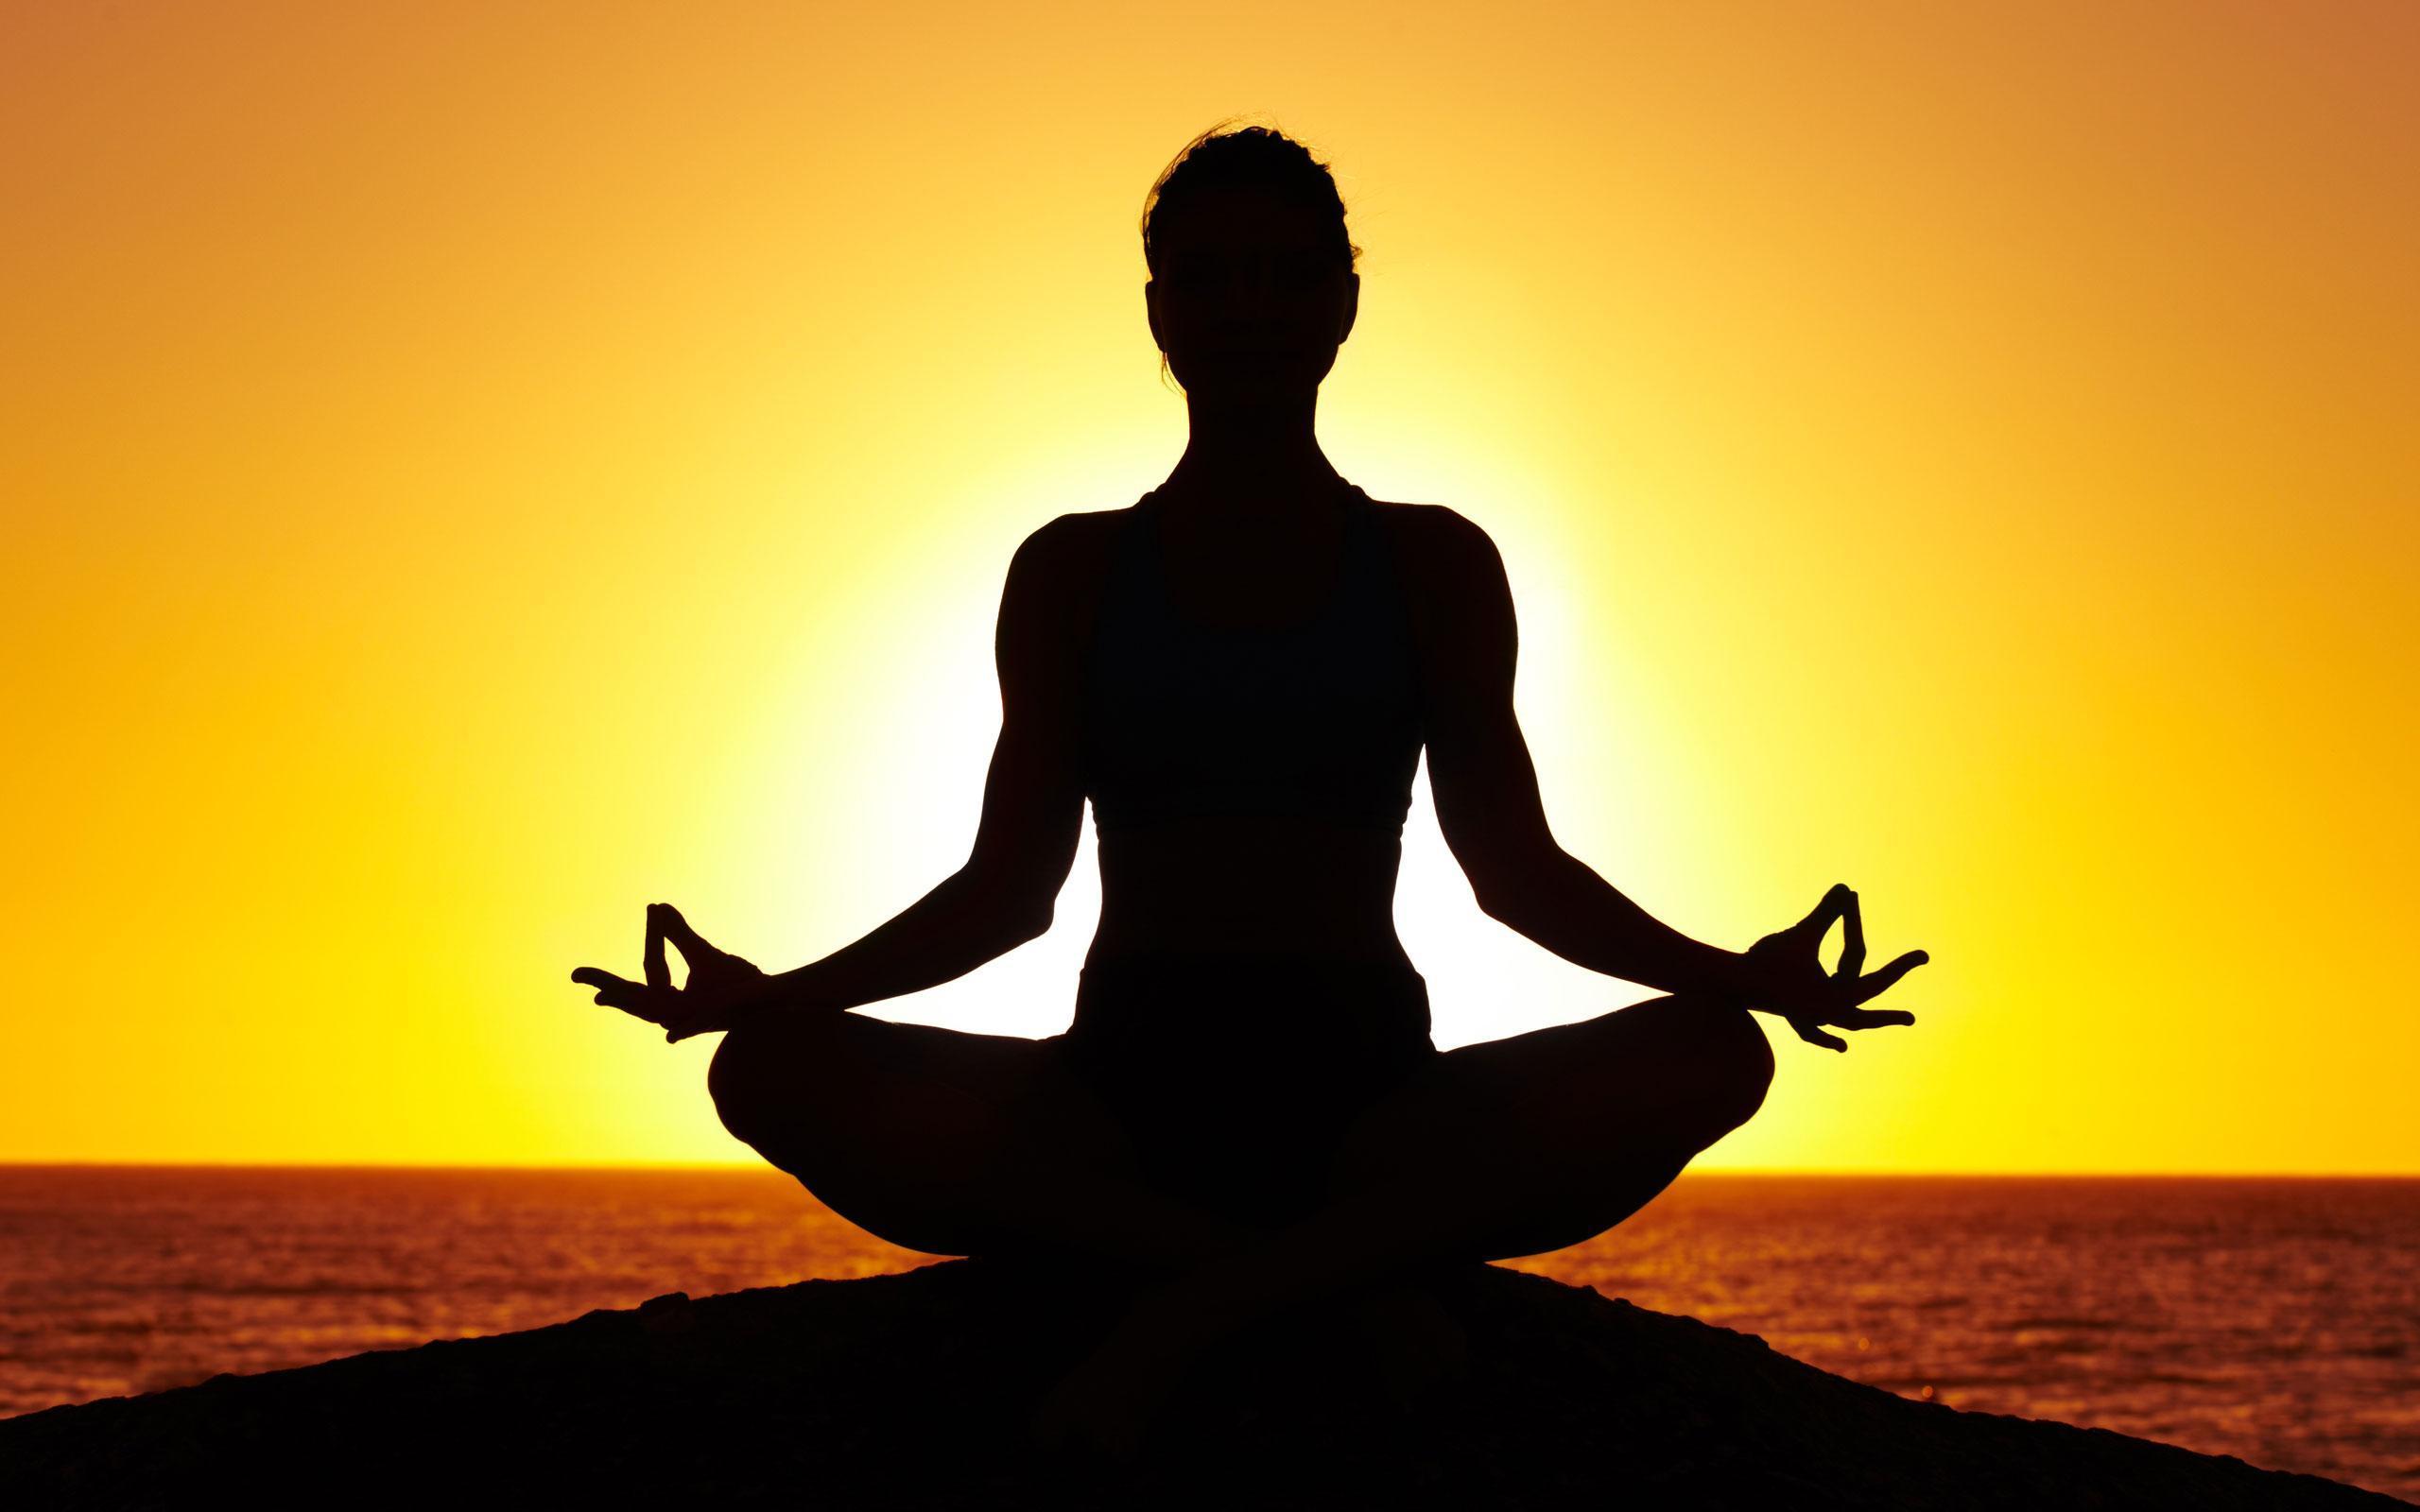 Yeni Başlayanlar İçin Yoga Hareketleri